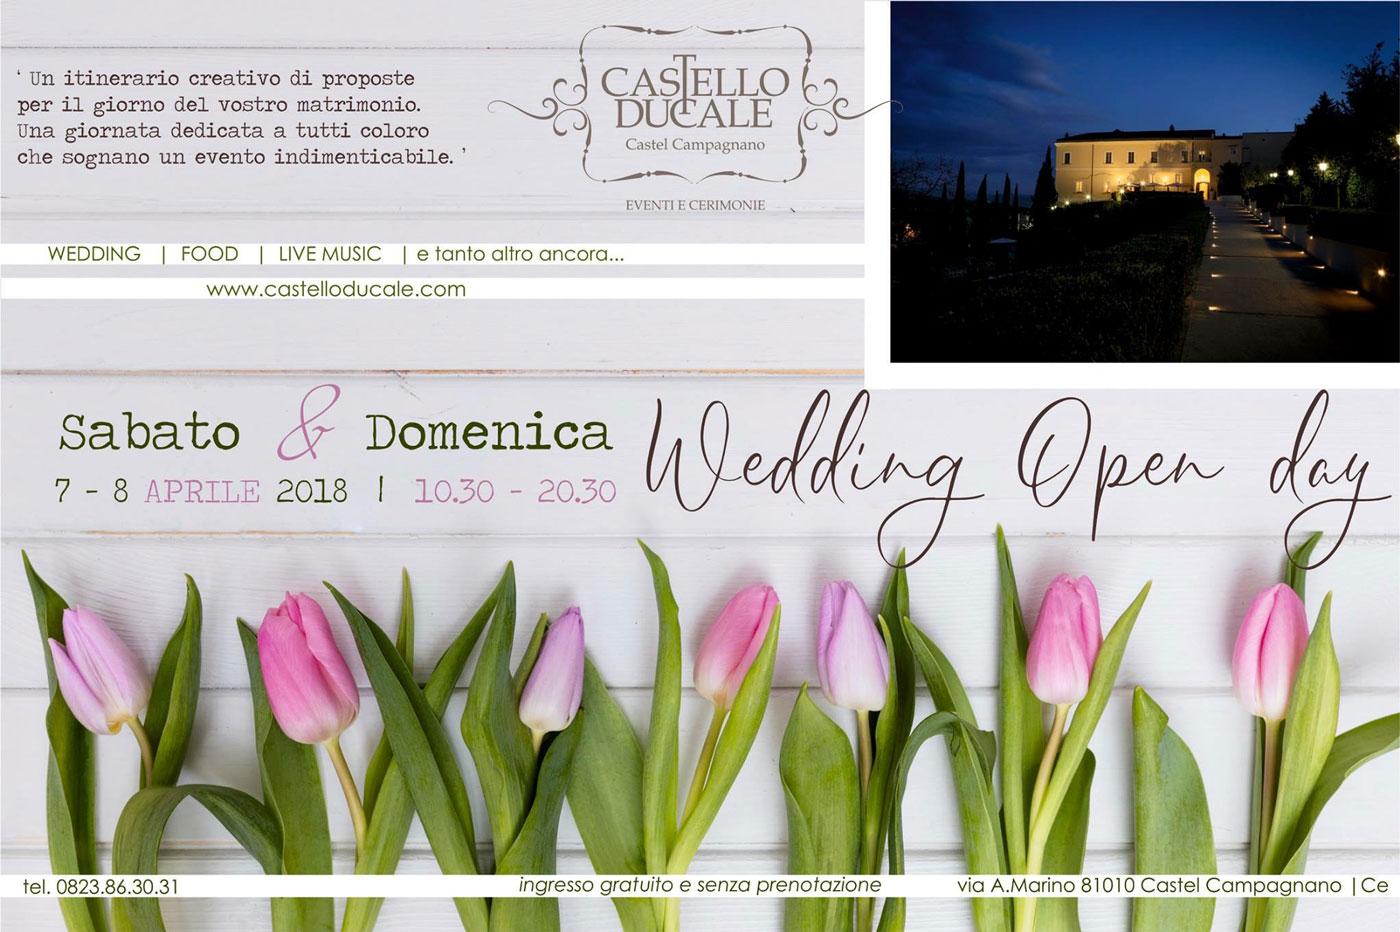 matrimonio 2018: nuove tendenze all'Wedding Open Day di Castello Ducale 7 e 8 aprile 2018